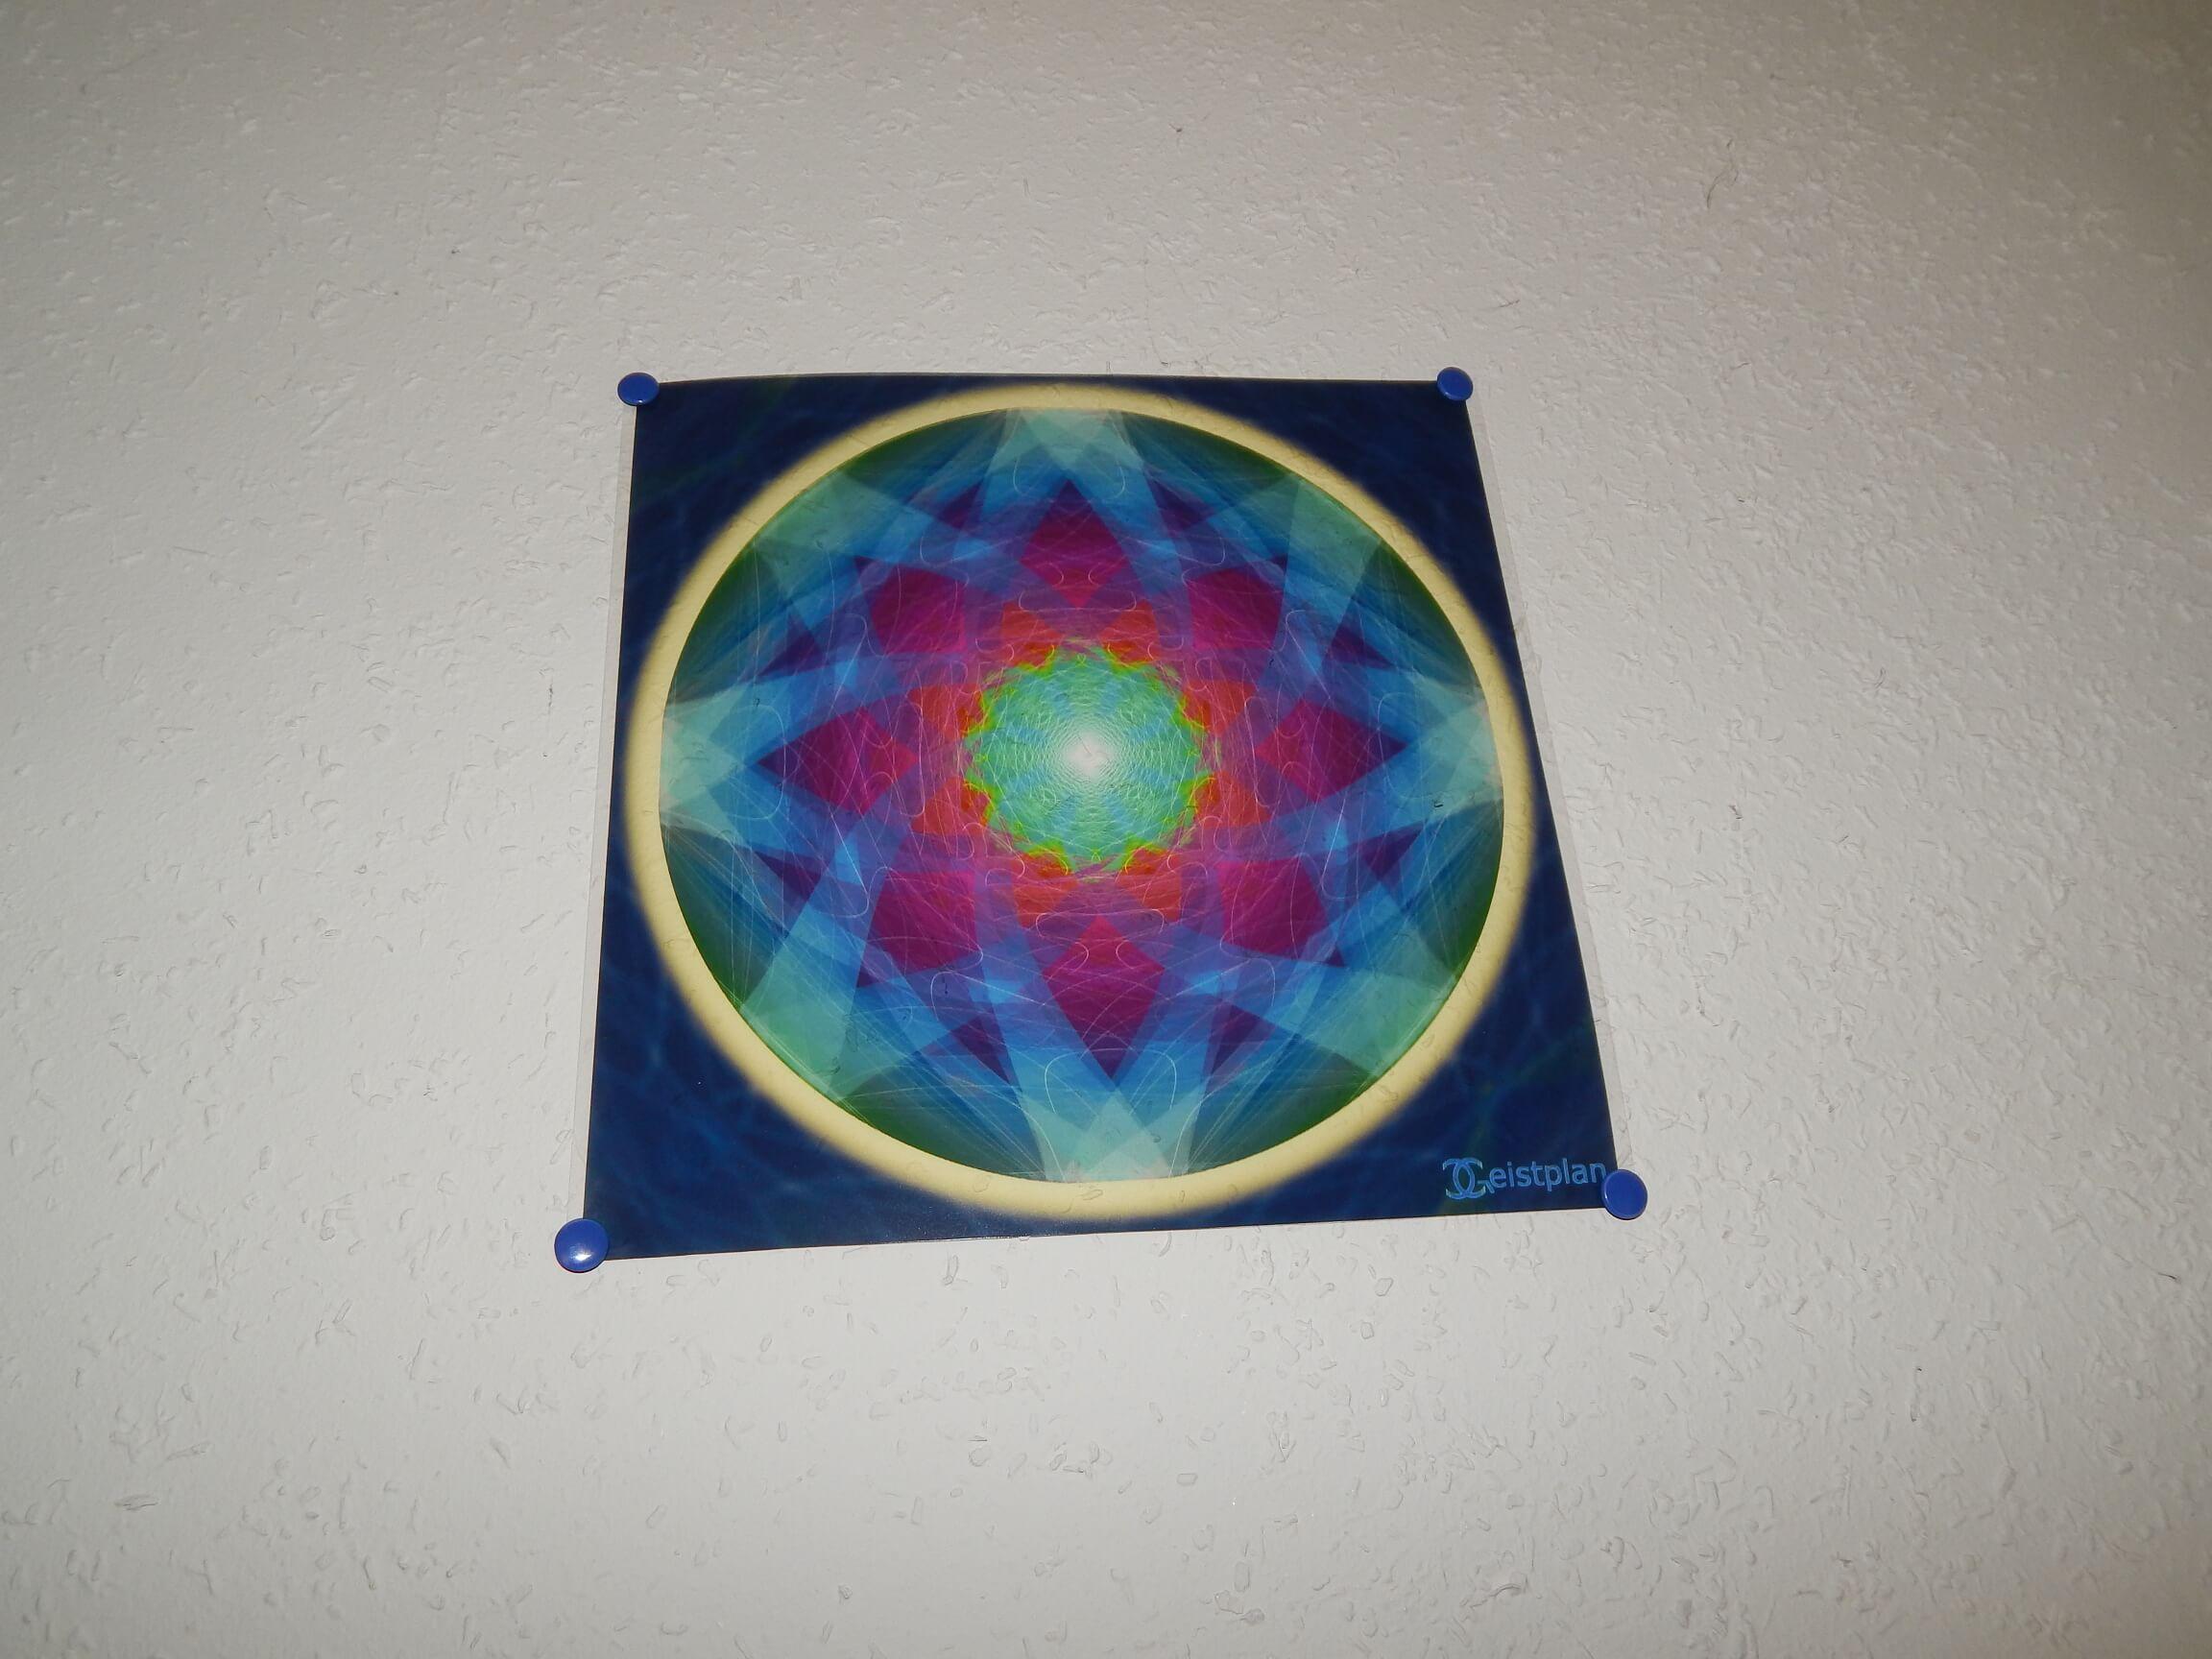 Bild von einer Folie an der Wand, welche ein Mandala abbildet und die Farben leuchten